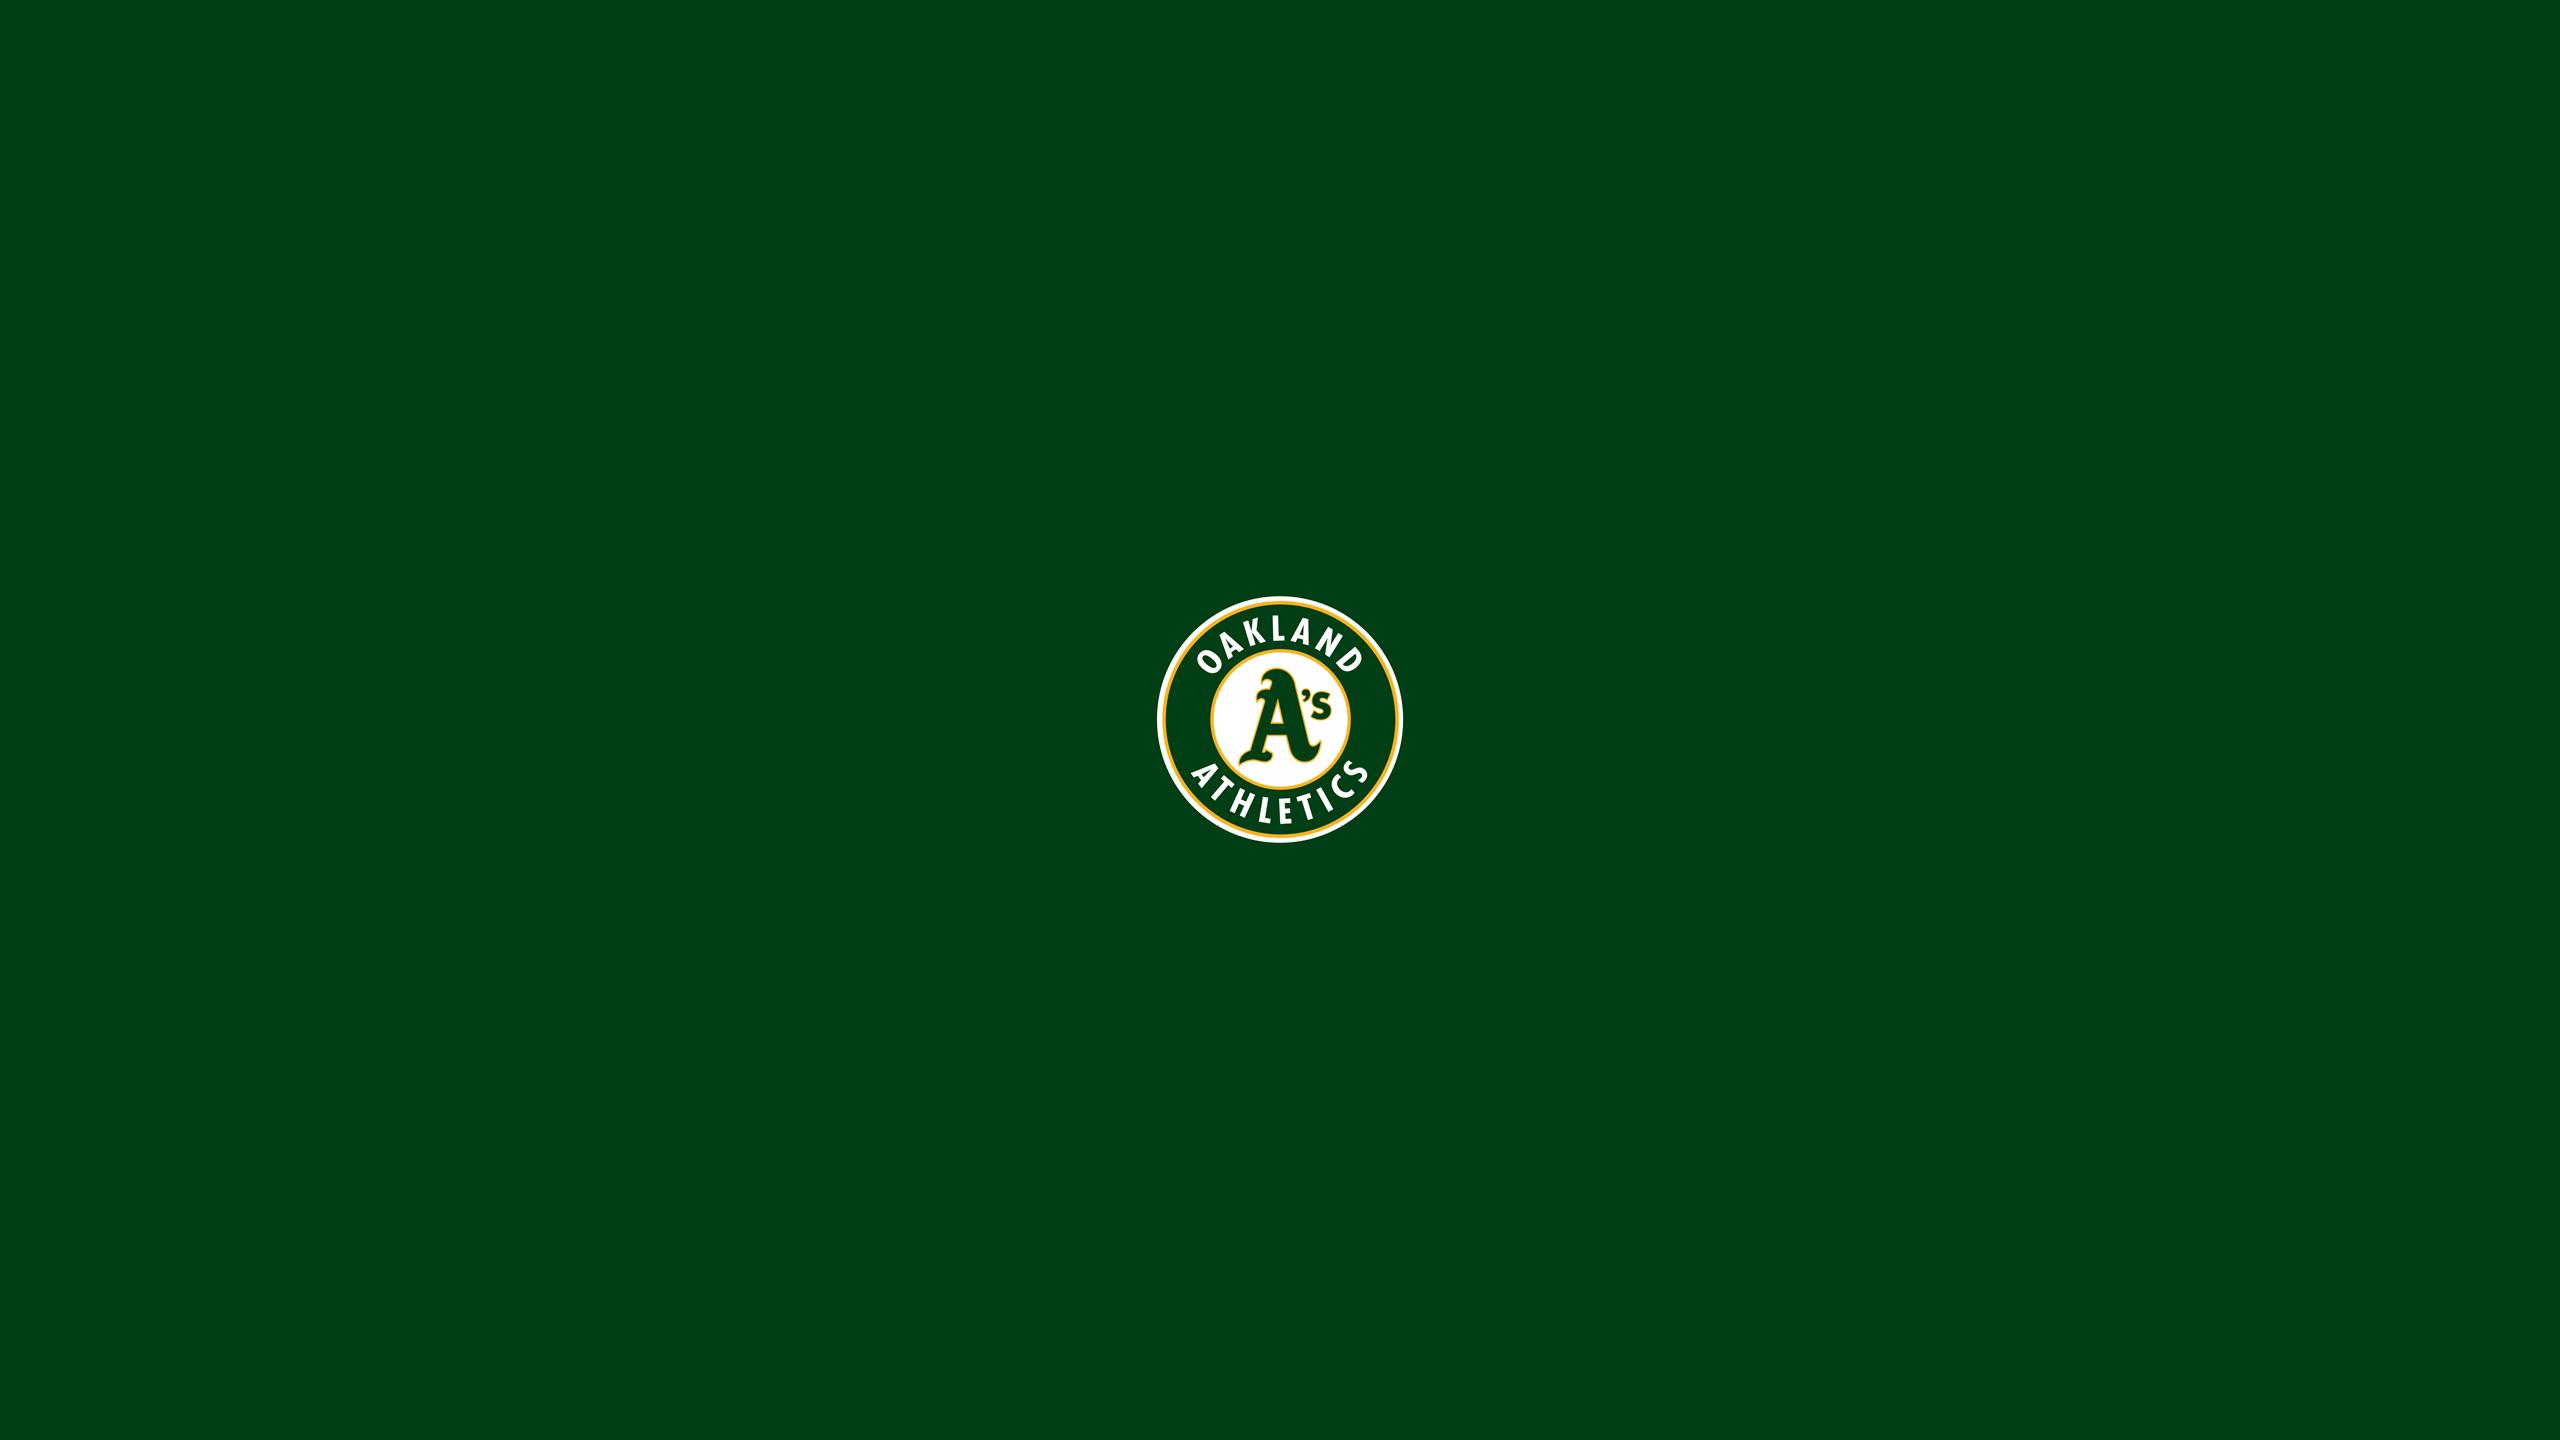 Oakland Athletics Wallpaper